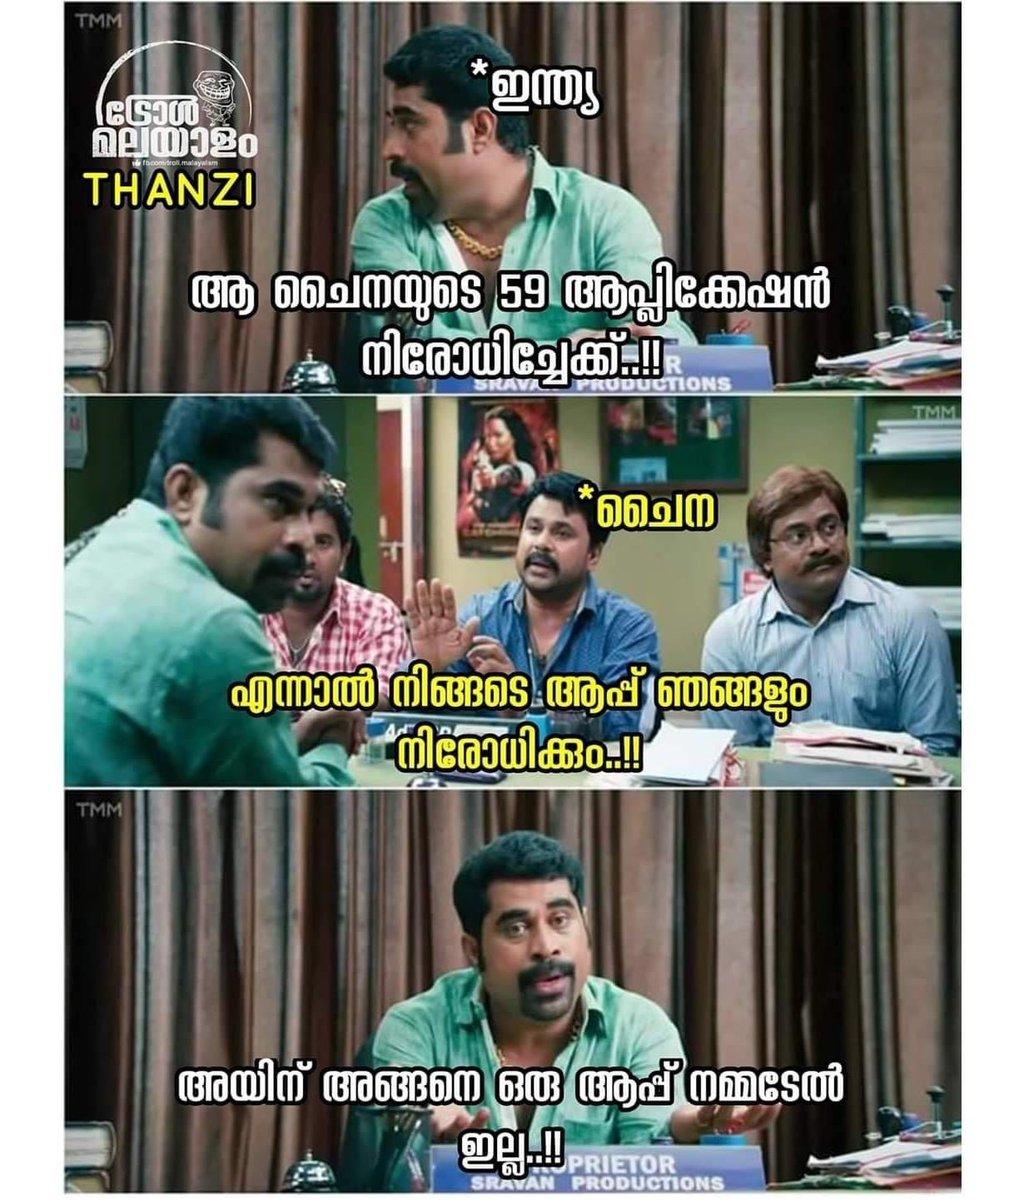 അയ്യേ ചൈന ചമ്മി....  © Moh'd Thansee (Troll Malayalam)  #ChinaAppsBanned #TrollMalayalam #tiktokbanned #KeralaComesToTwitterpic.twitter.com/N1o5SmtJc1